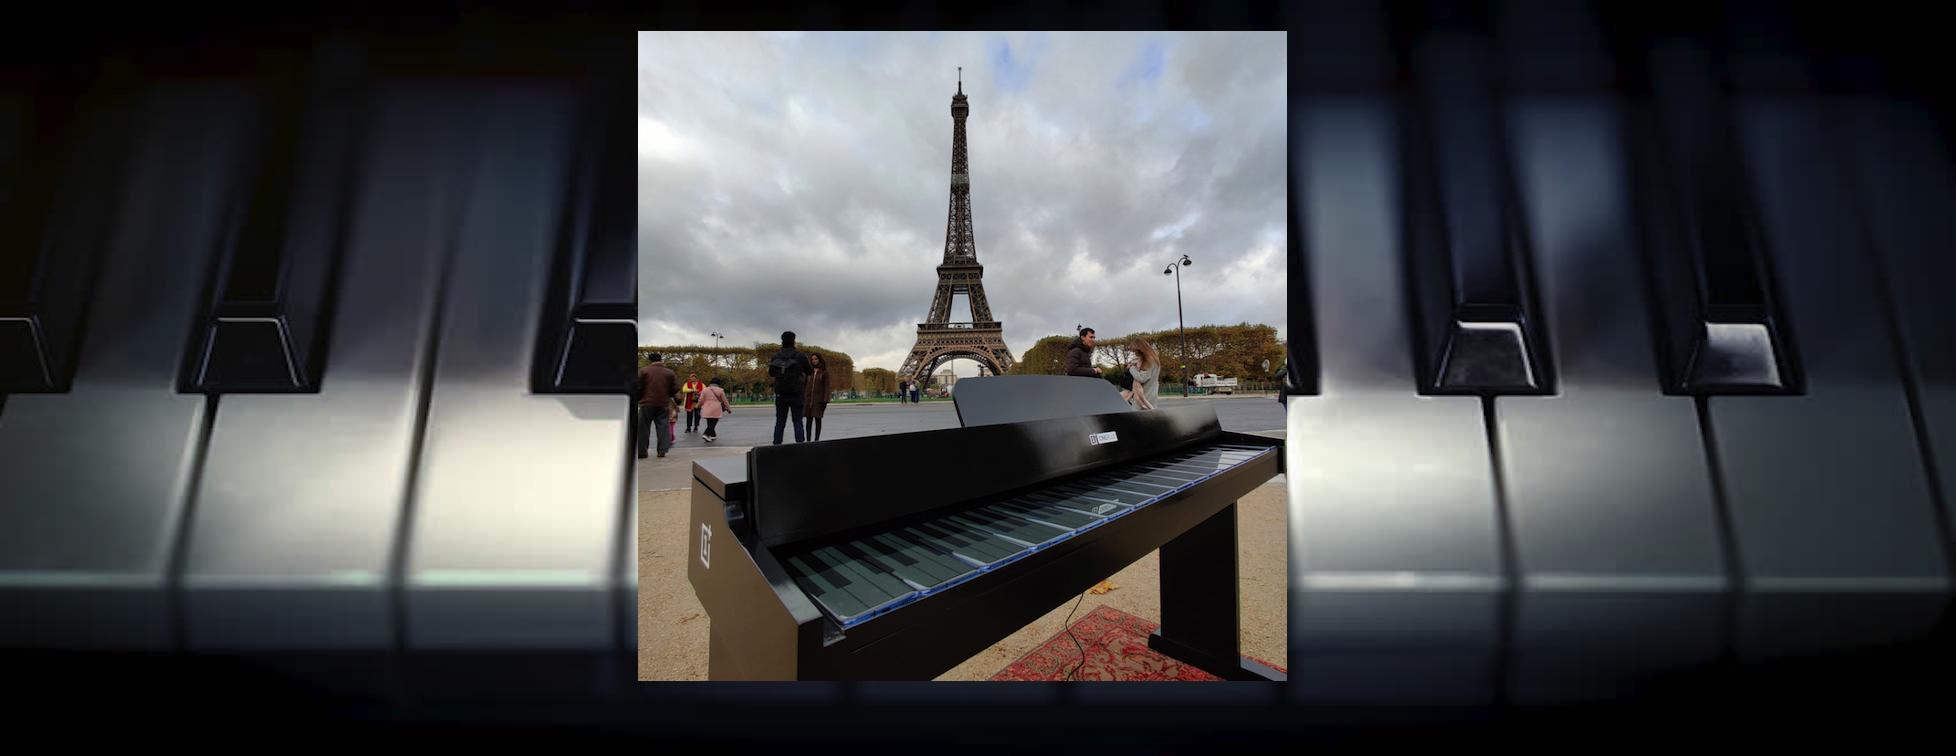 Inédit : un piano dont le clavier est constitué de smartphones